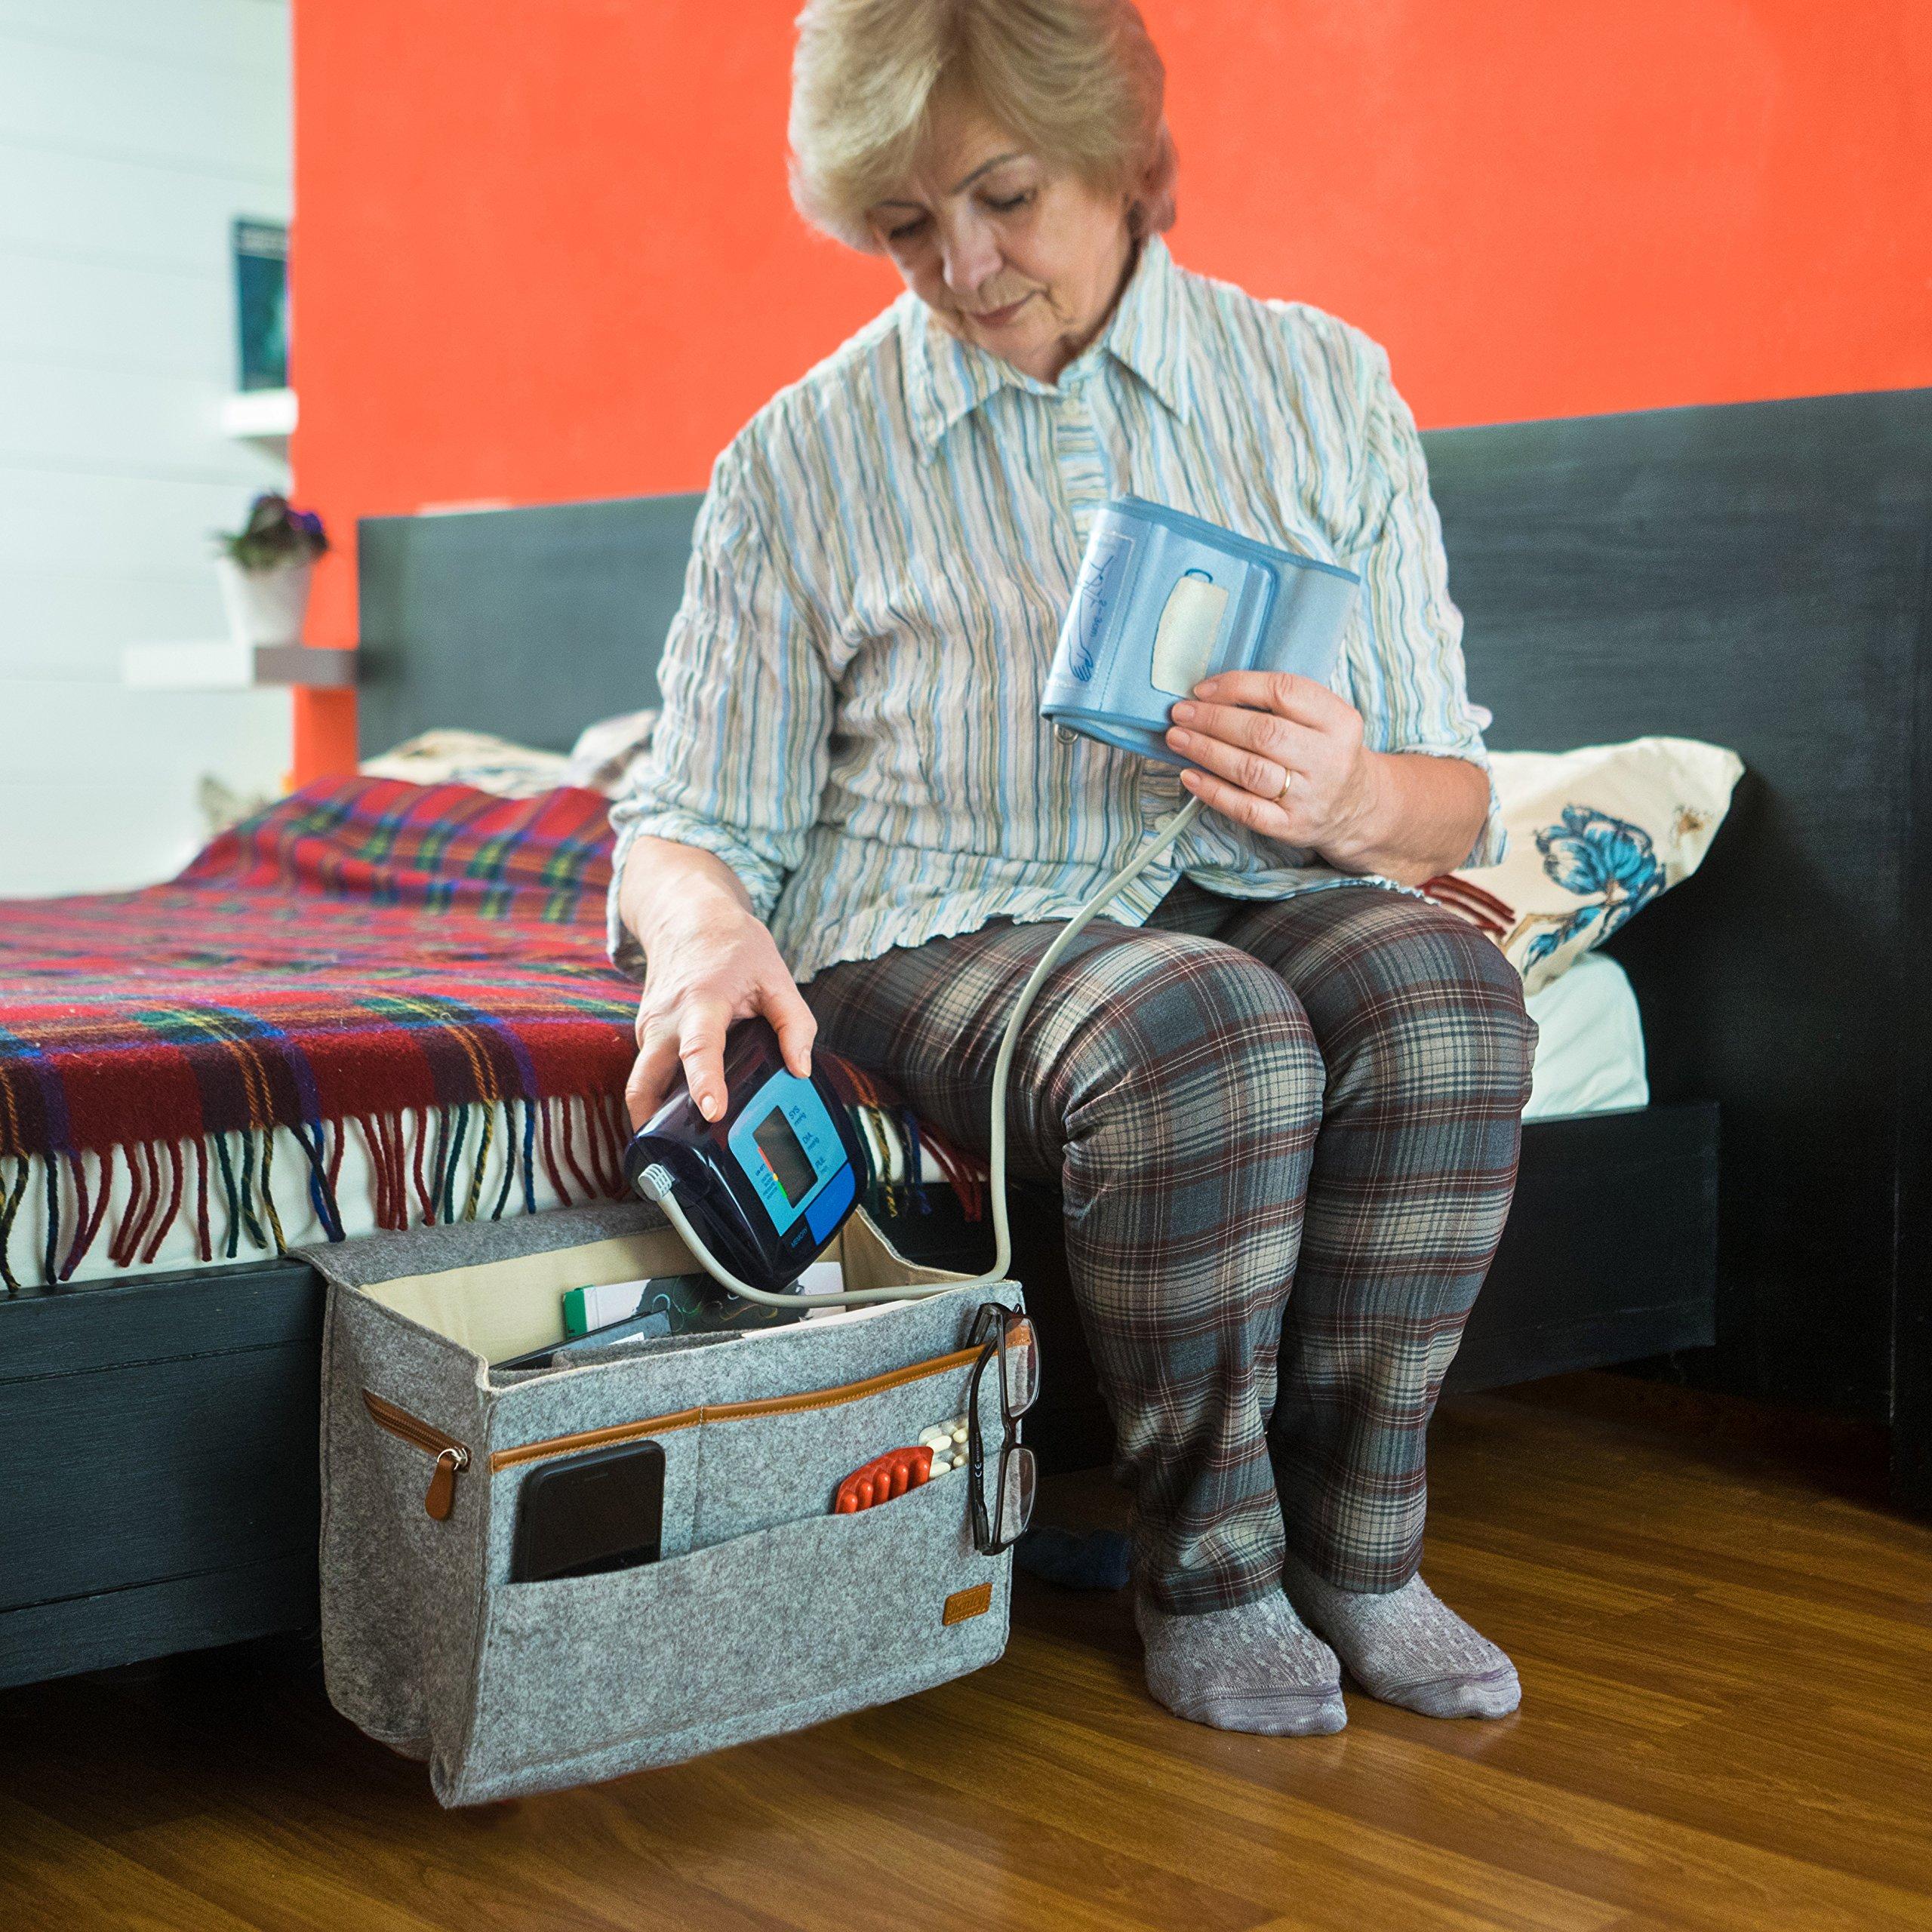 Kenley Bedside Caddy Bed Skirt Storage 7 Pocket Organizer For